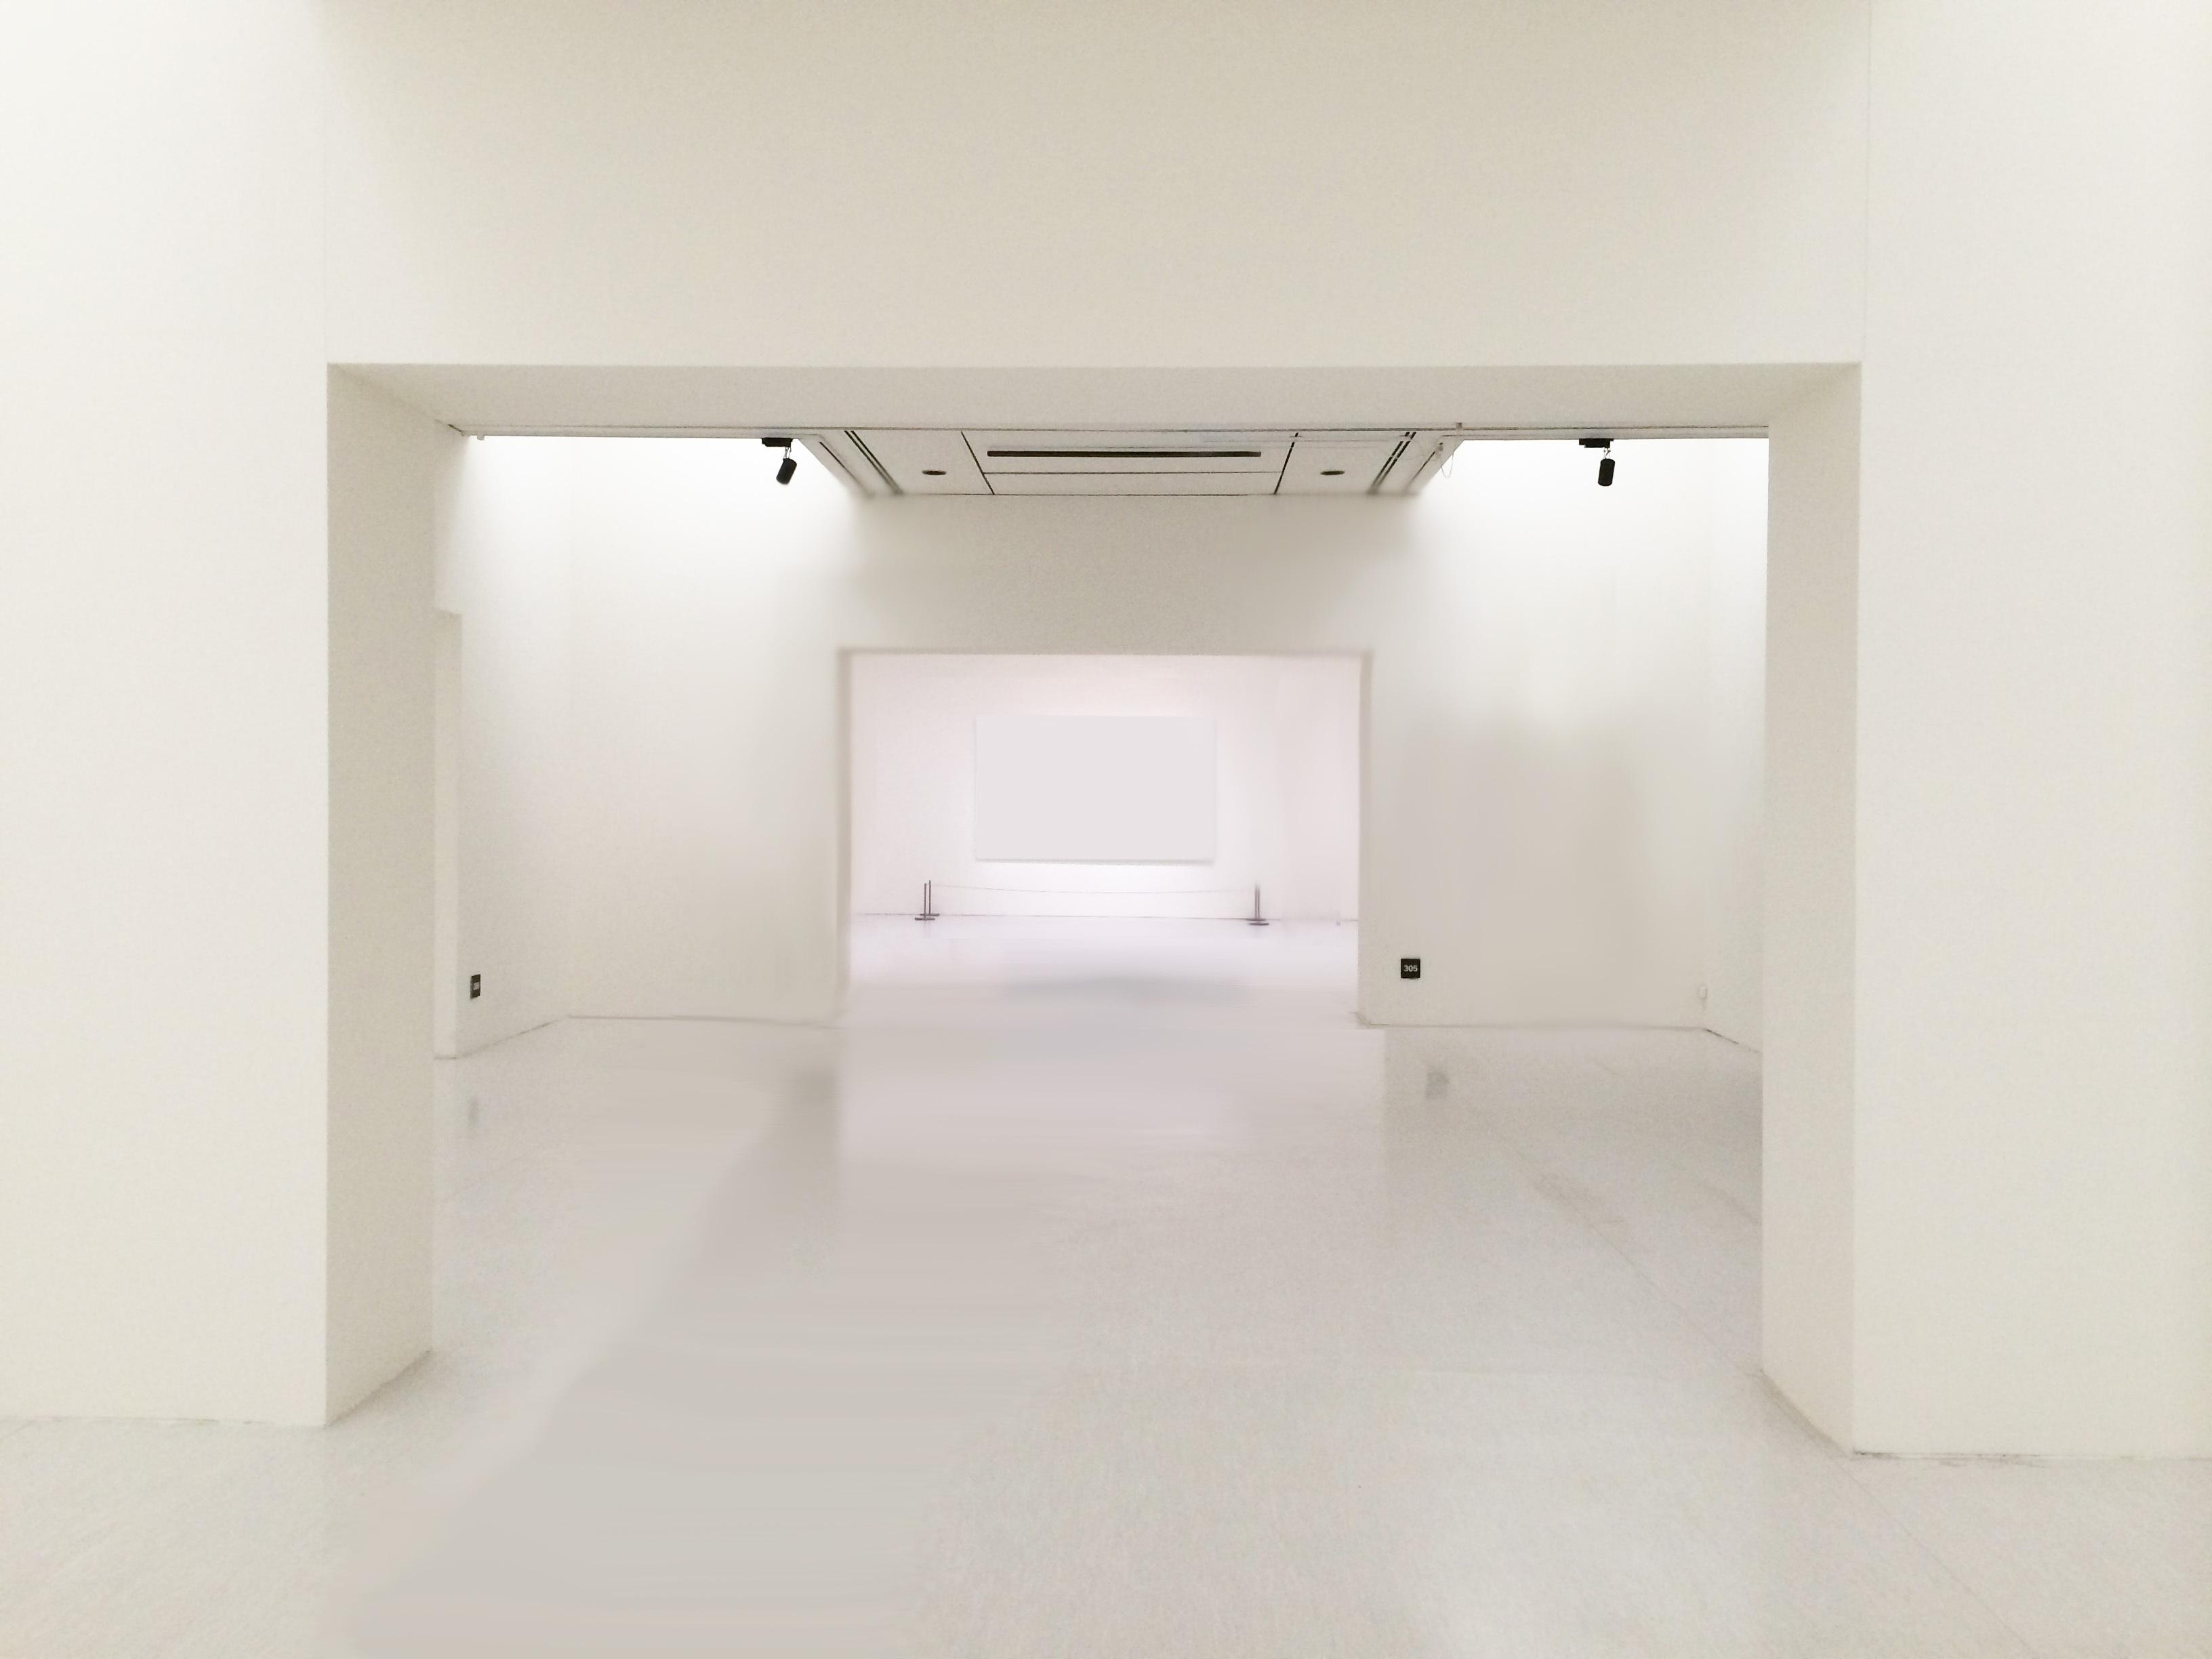 Banco De Imagens Ch O Museu Propriedade Caixa Quarto Design